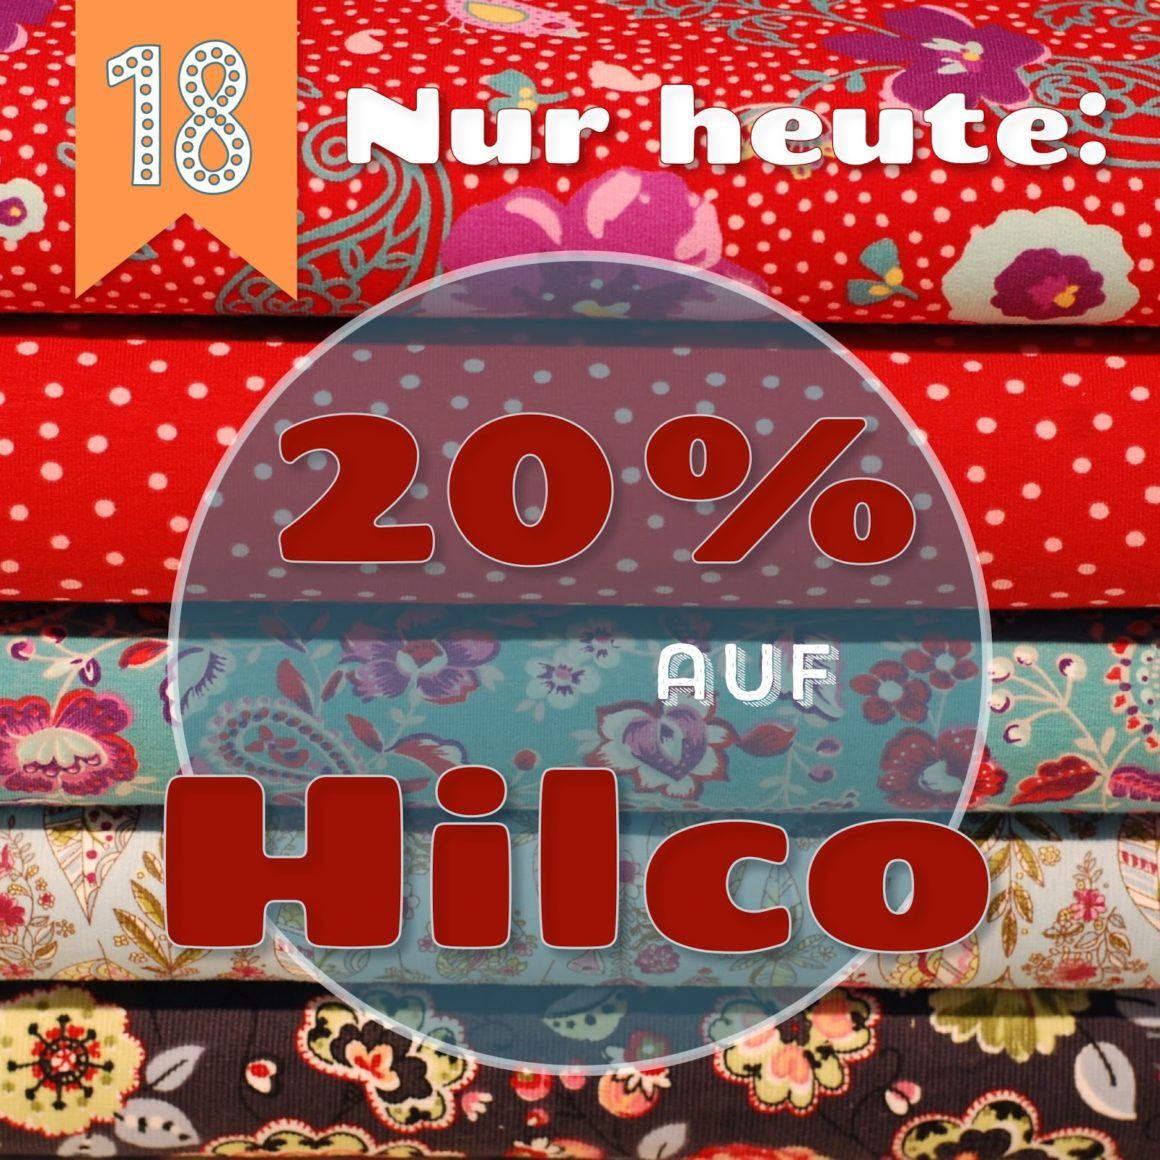 Türchen N°18 im Adventsmirakel: 20% Rabatt auf HILCO-Stoffe!